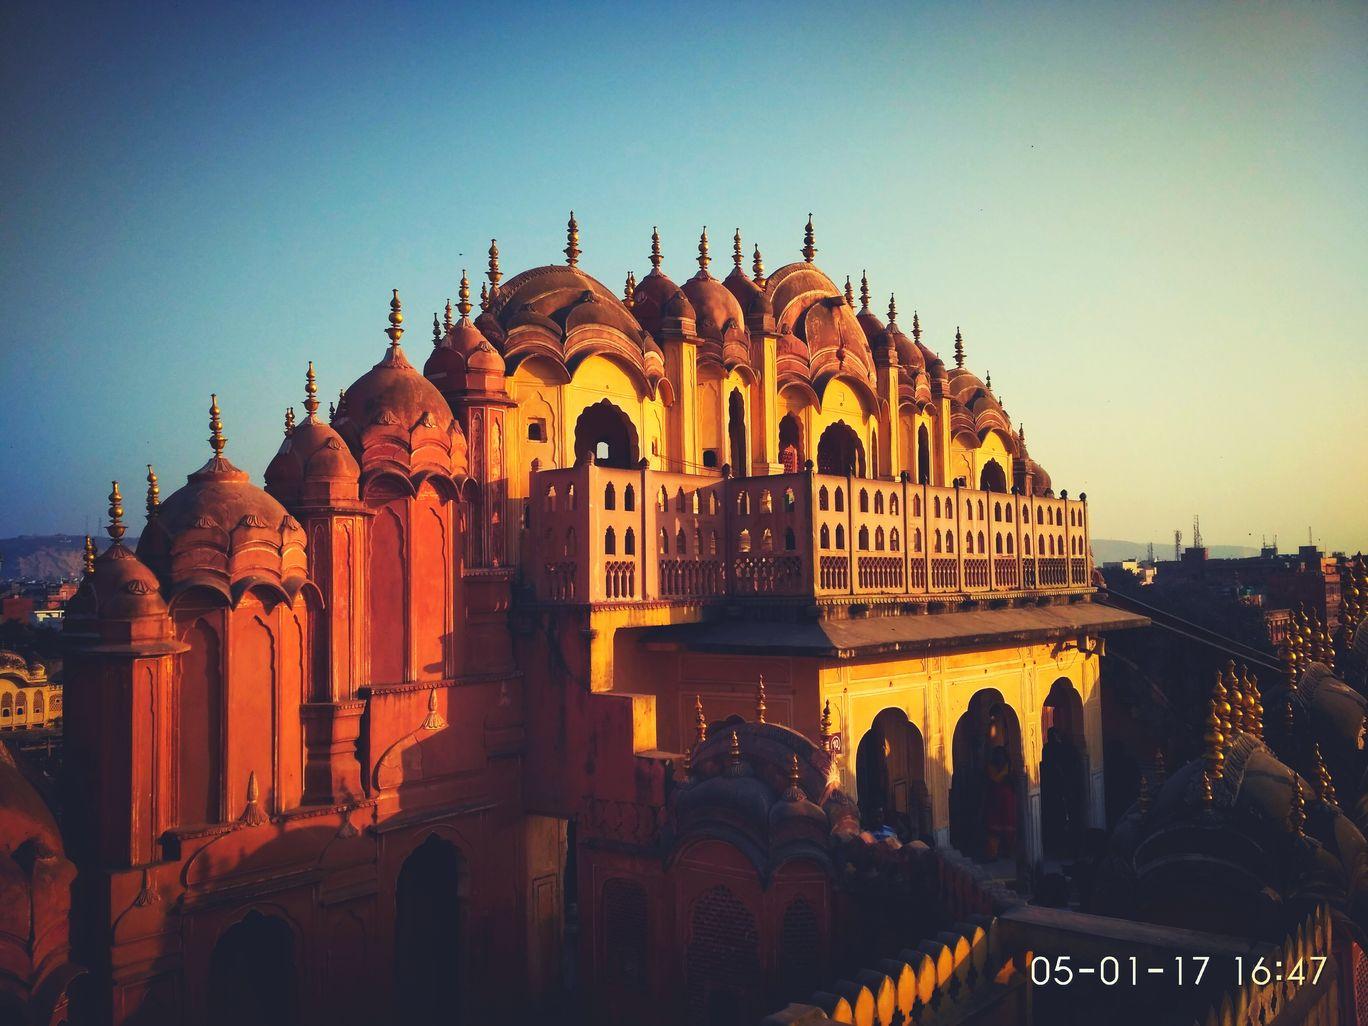 Photo of Hawa Mahal By Shobhit Gupta